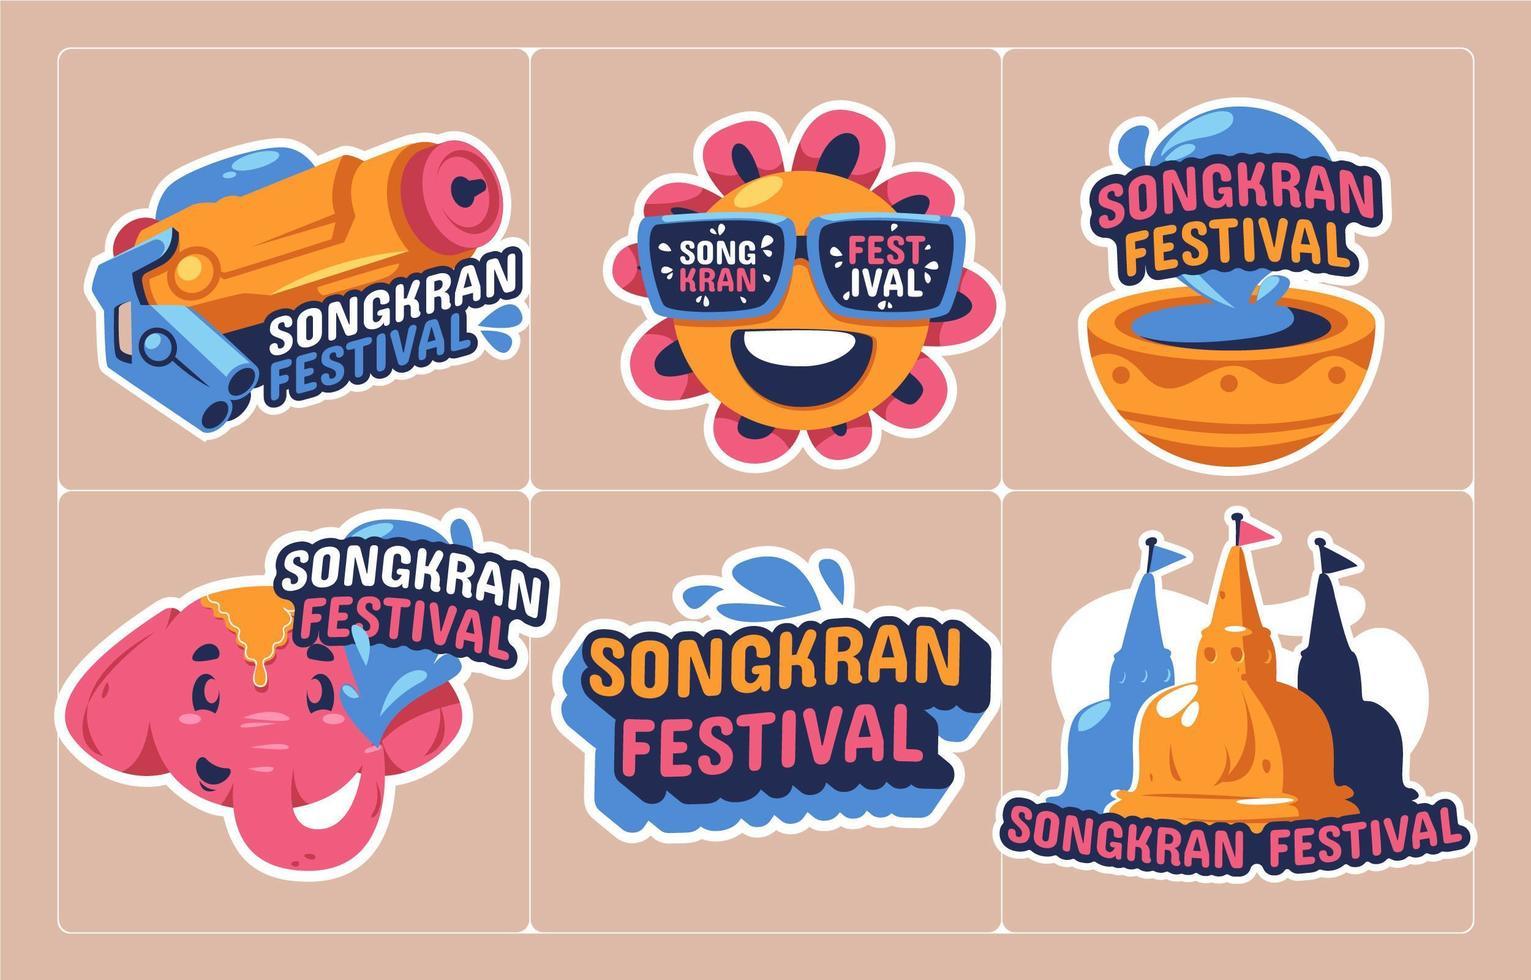 lustige Songkran Festival Aufkleber Sammlung vektor